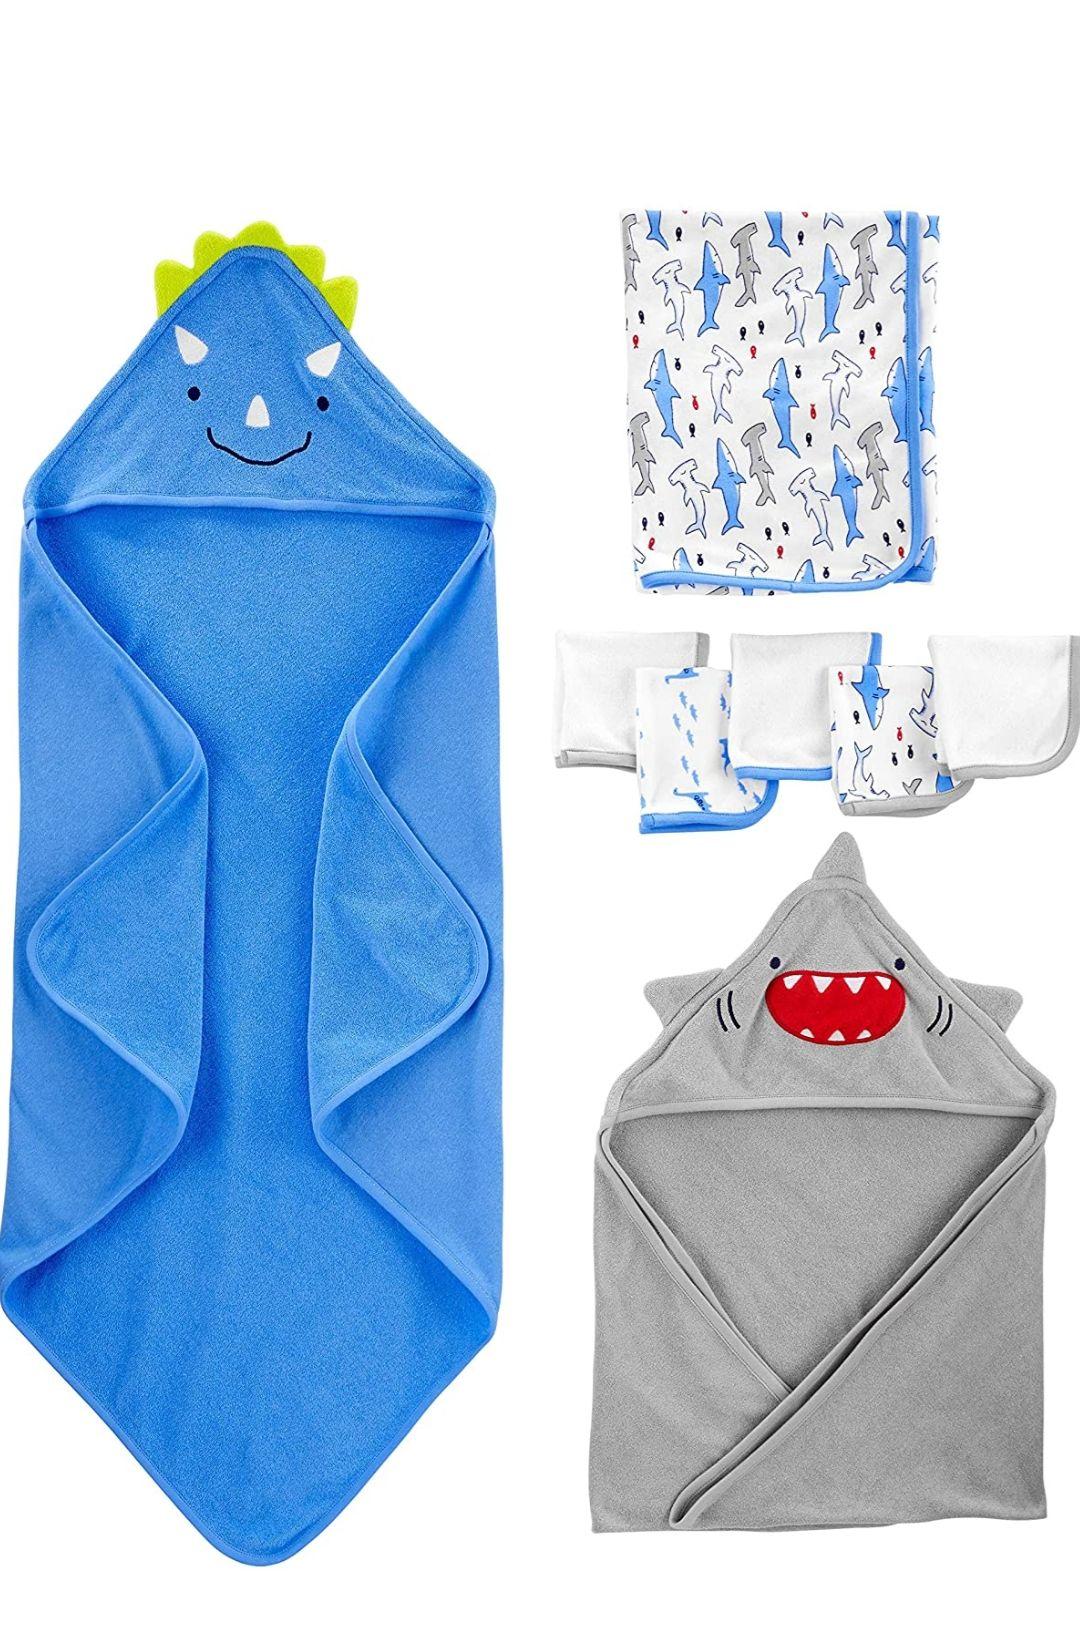 Juego de 8 toallas Simple Joys by Carter's para bebé